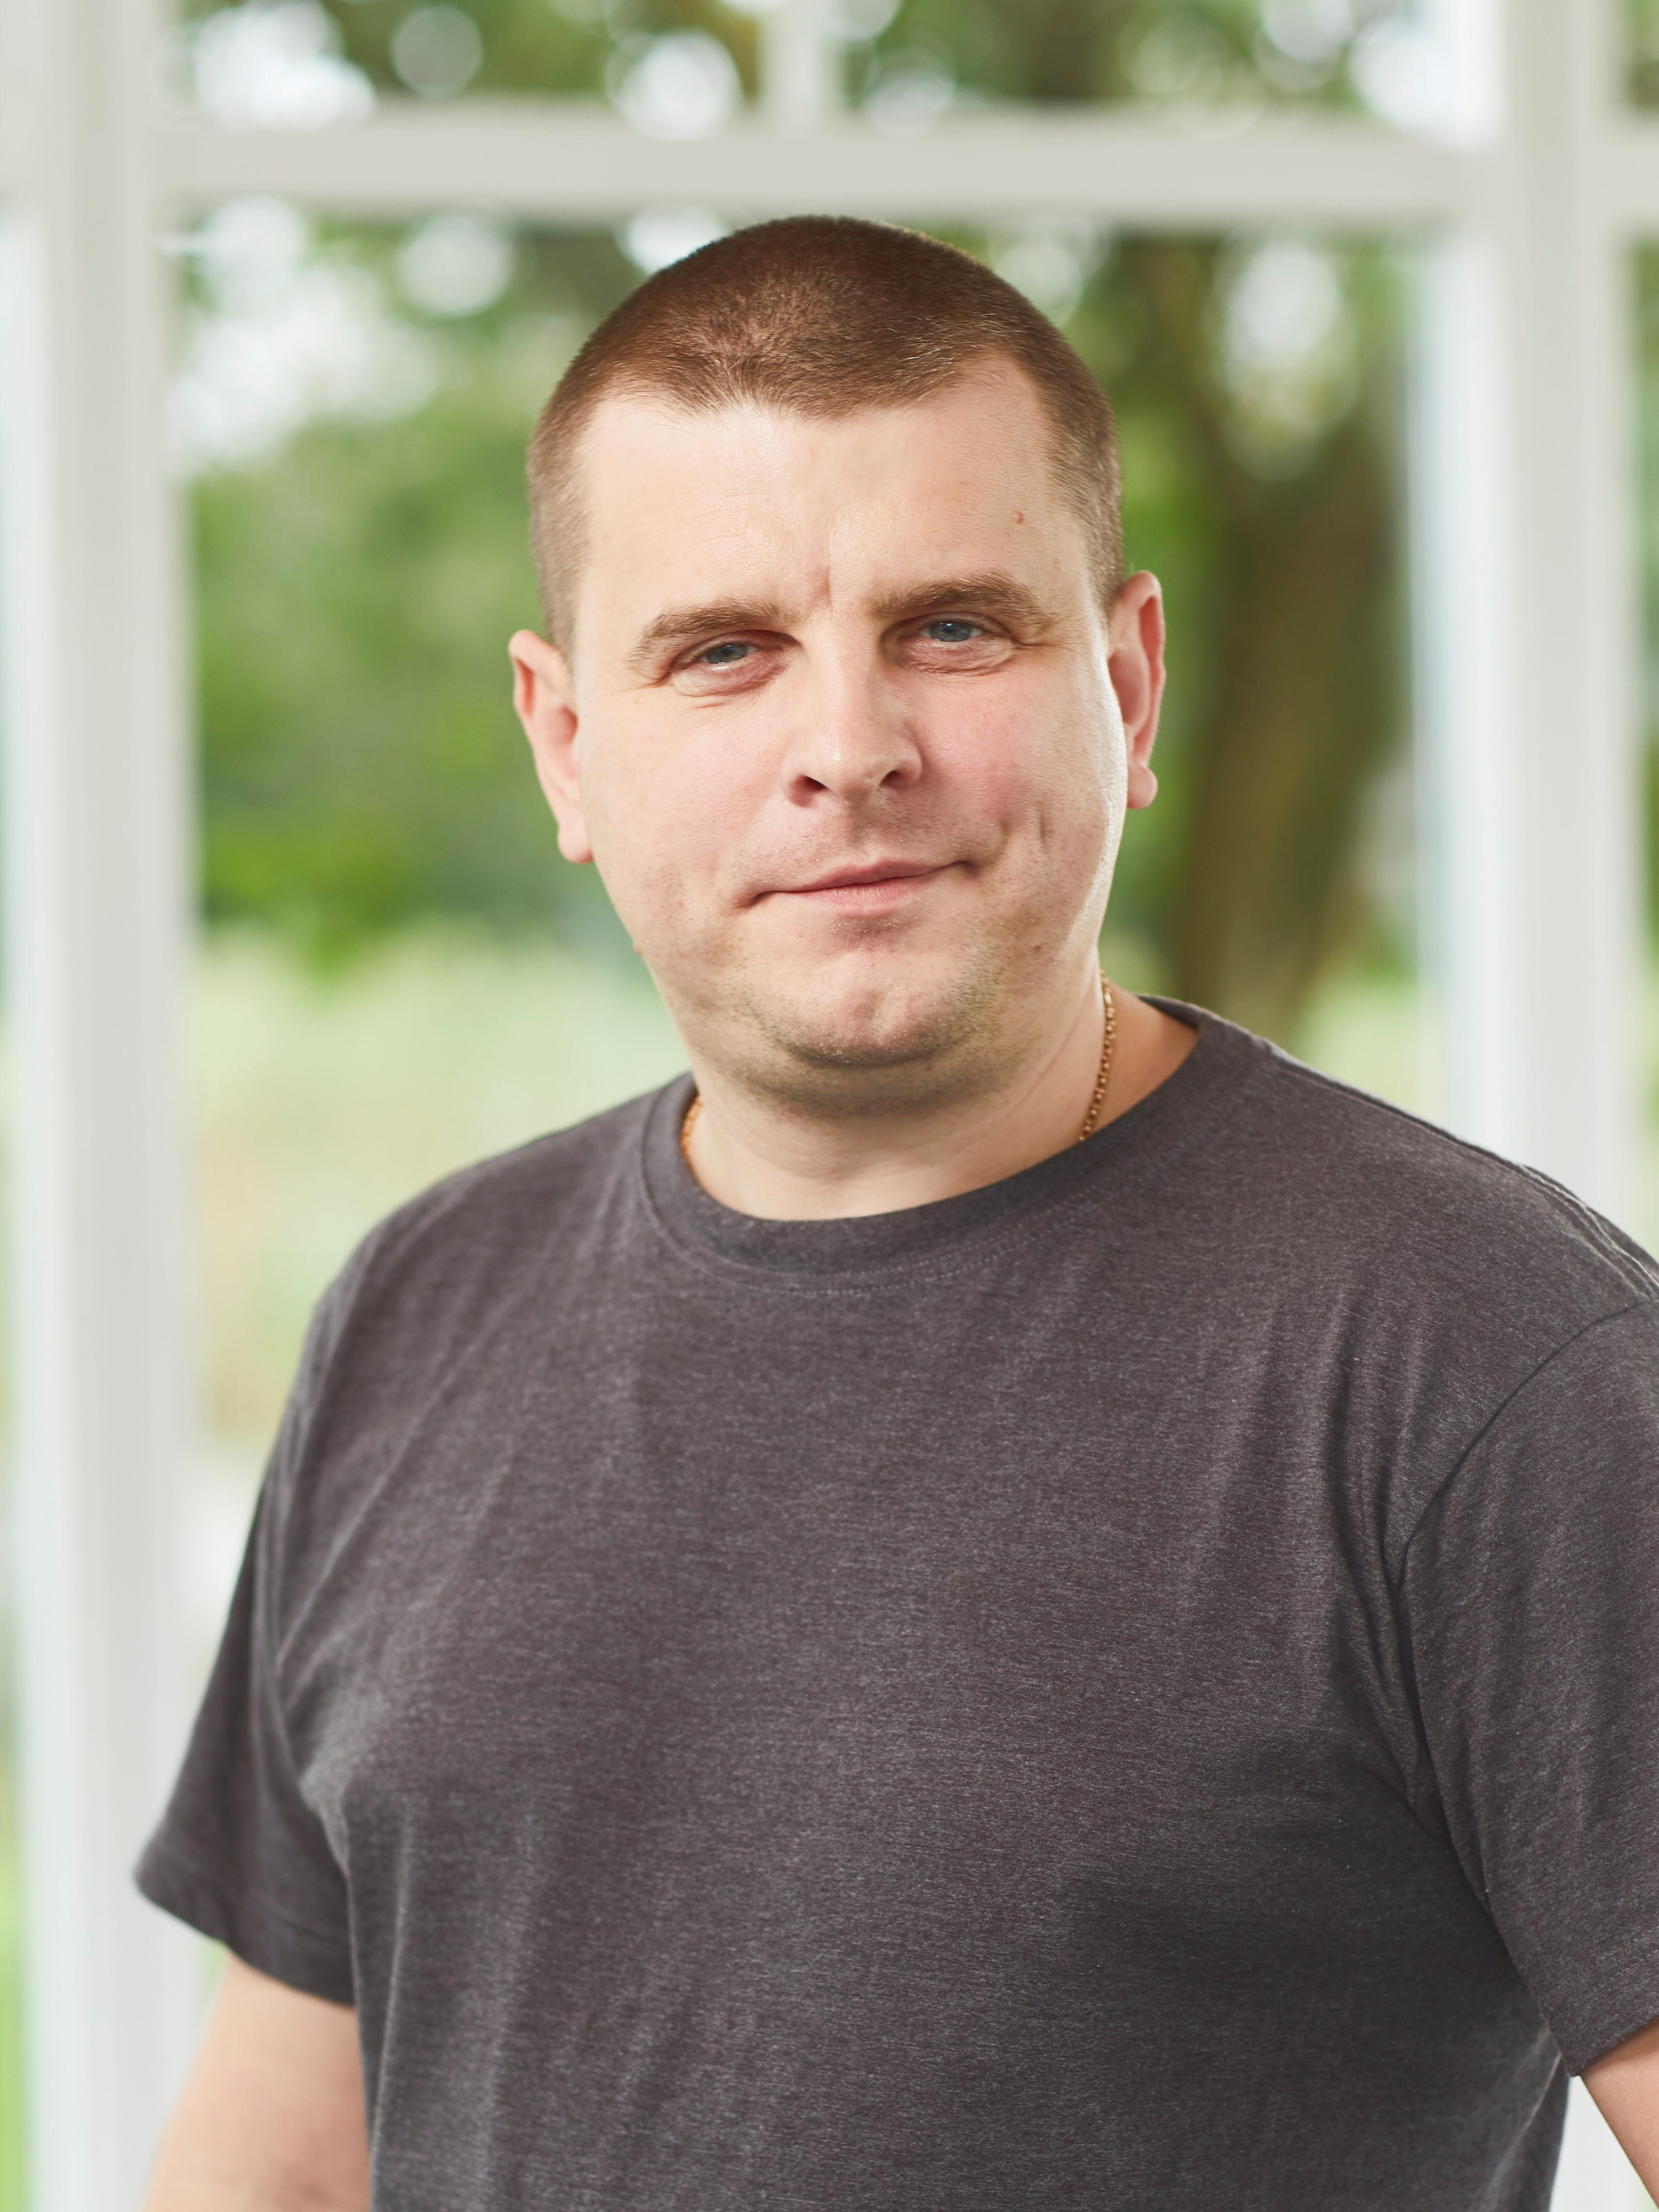 Yevheniy Vorobyov